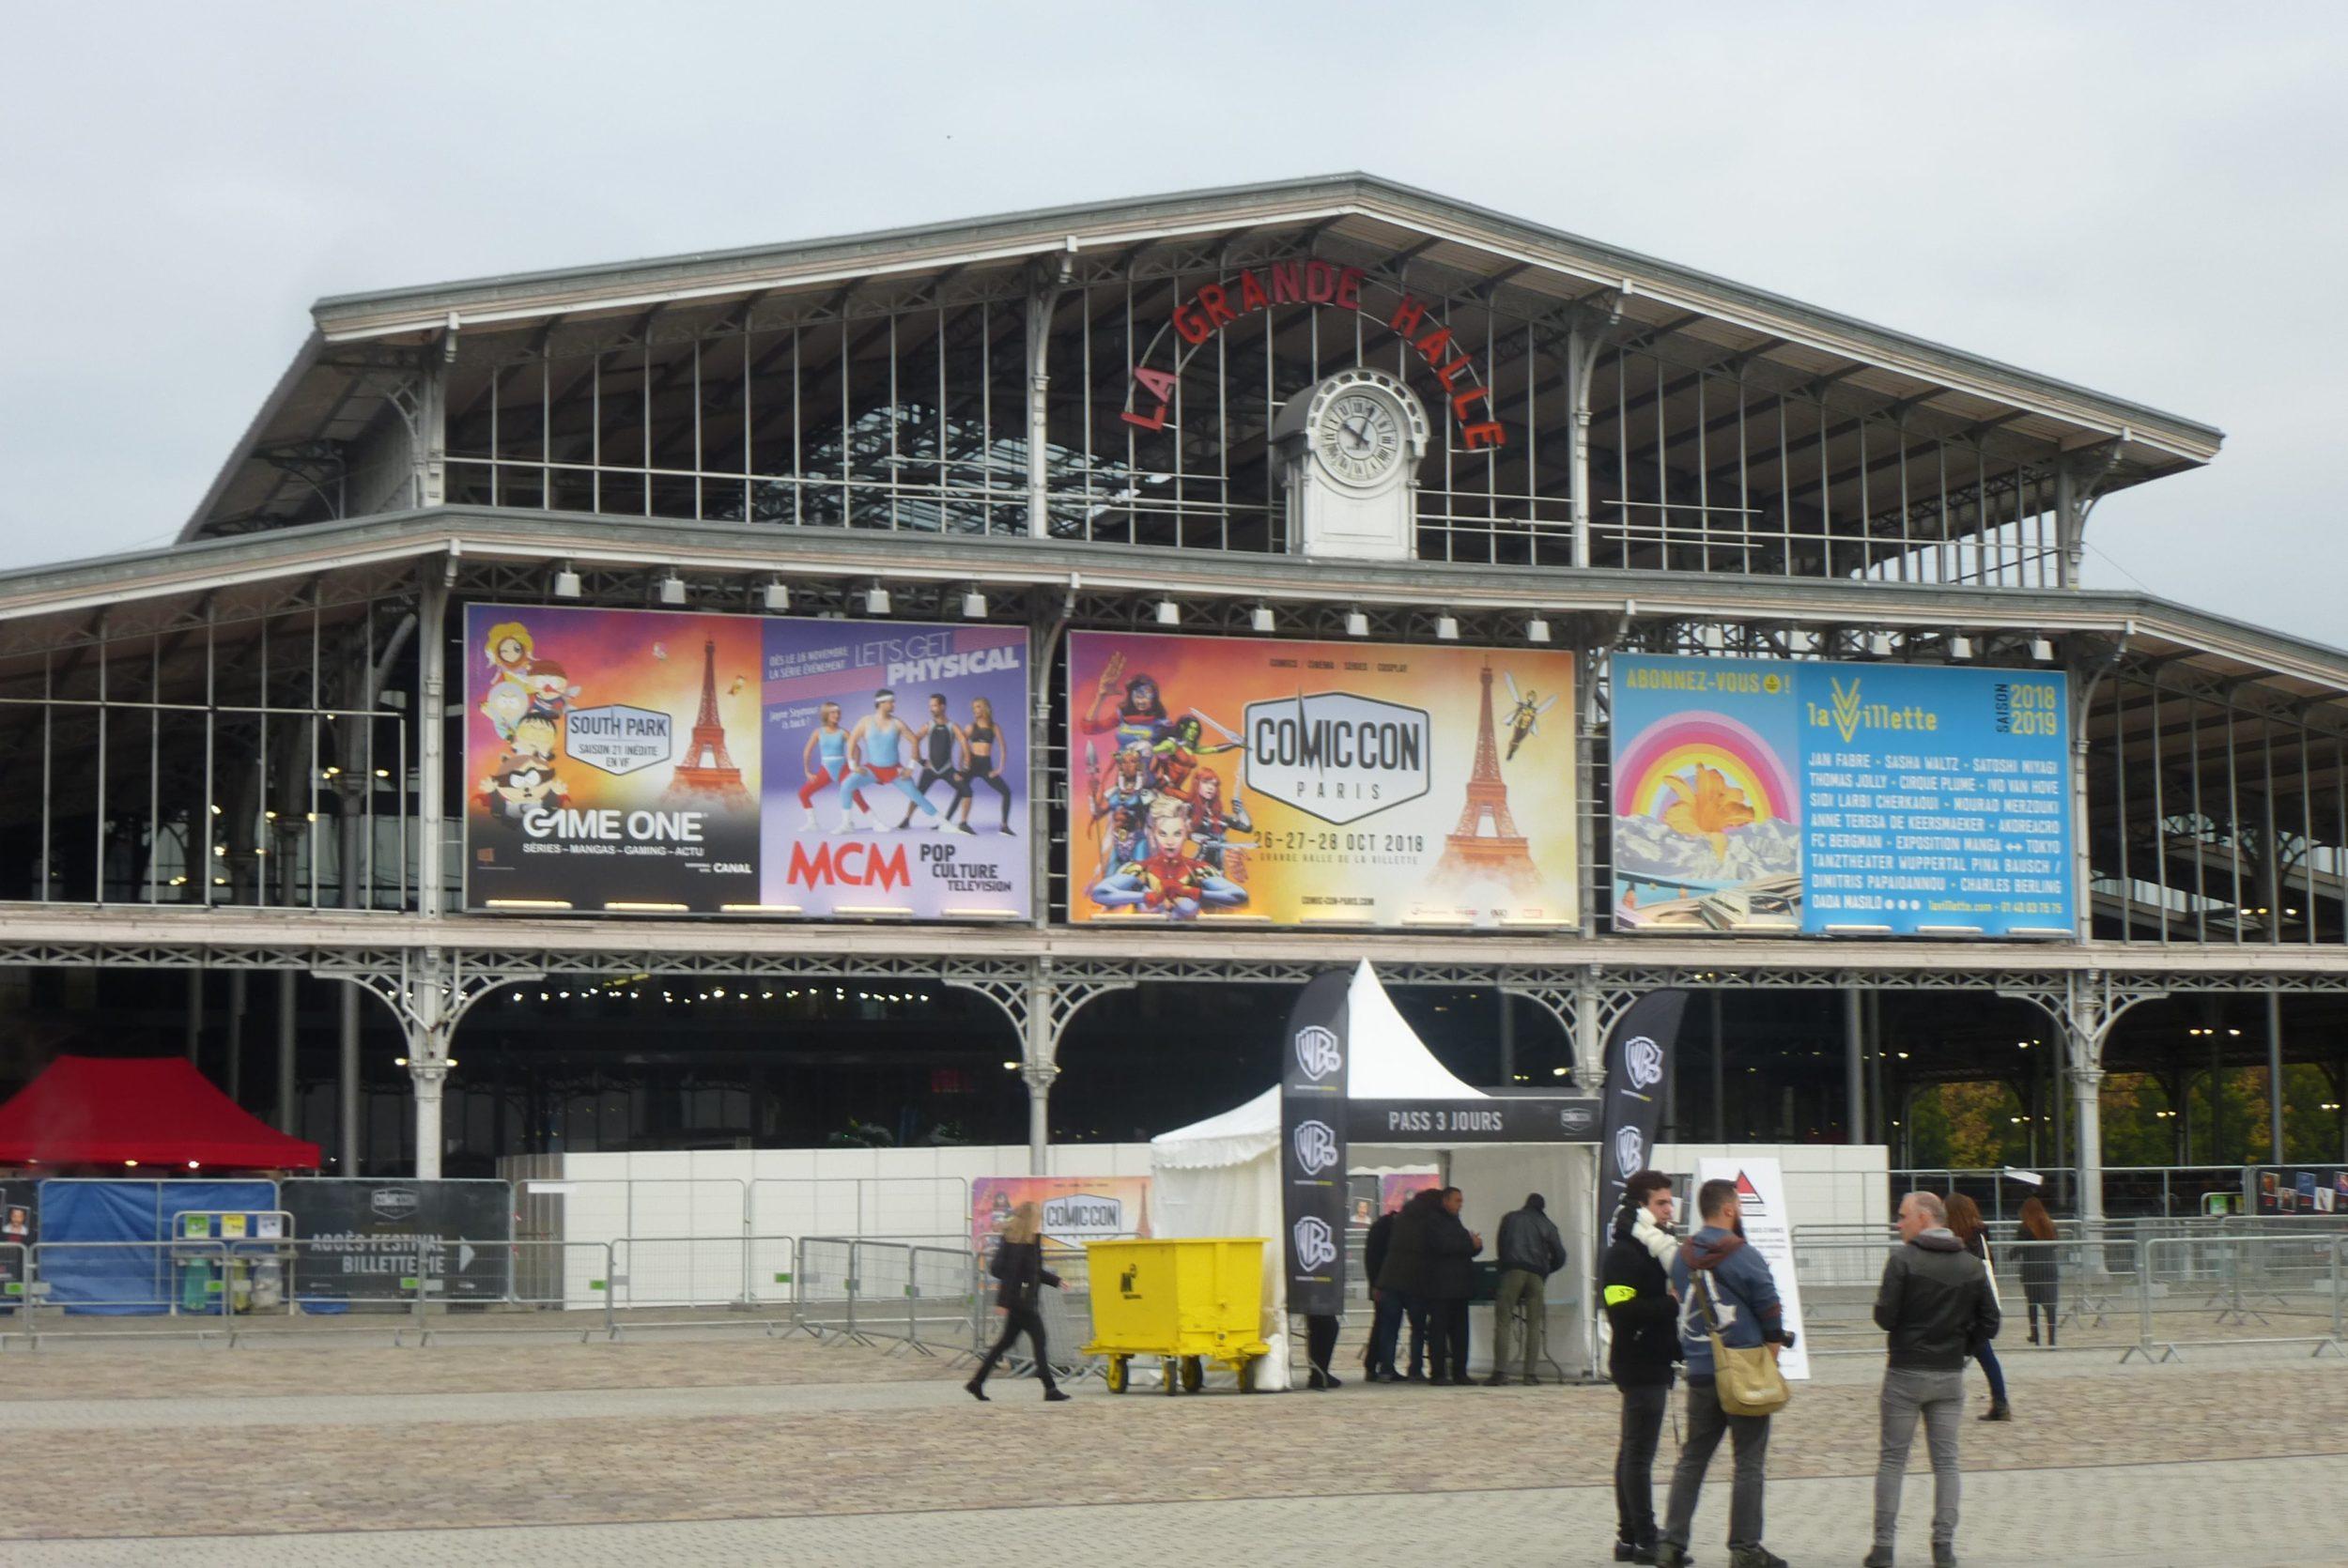 Comic Con Villette